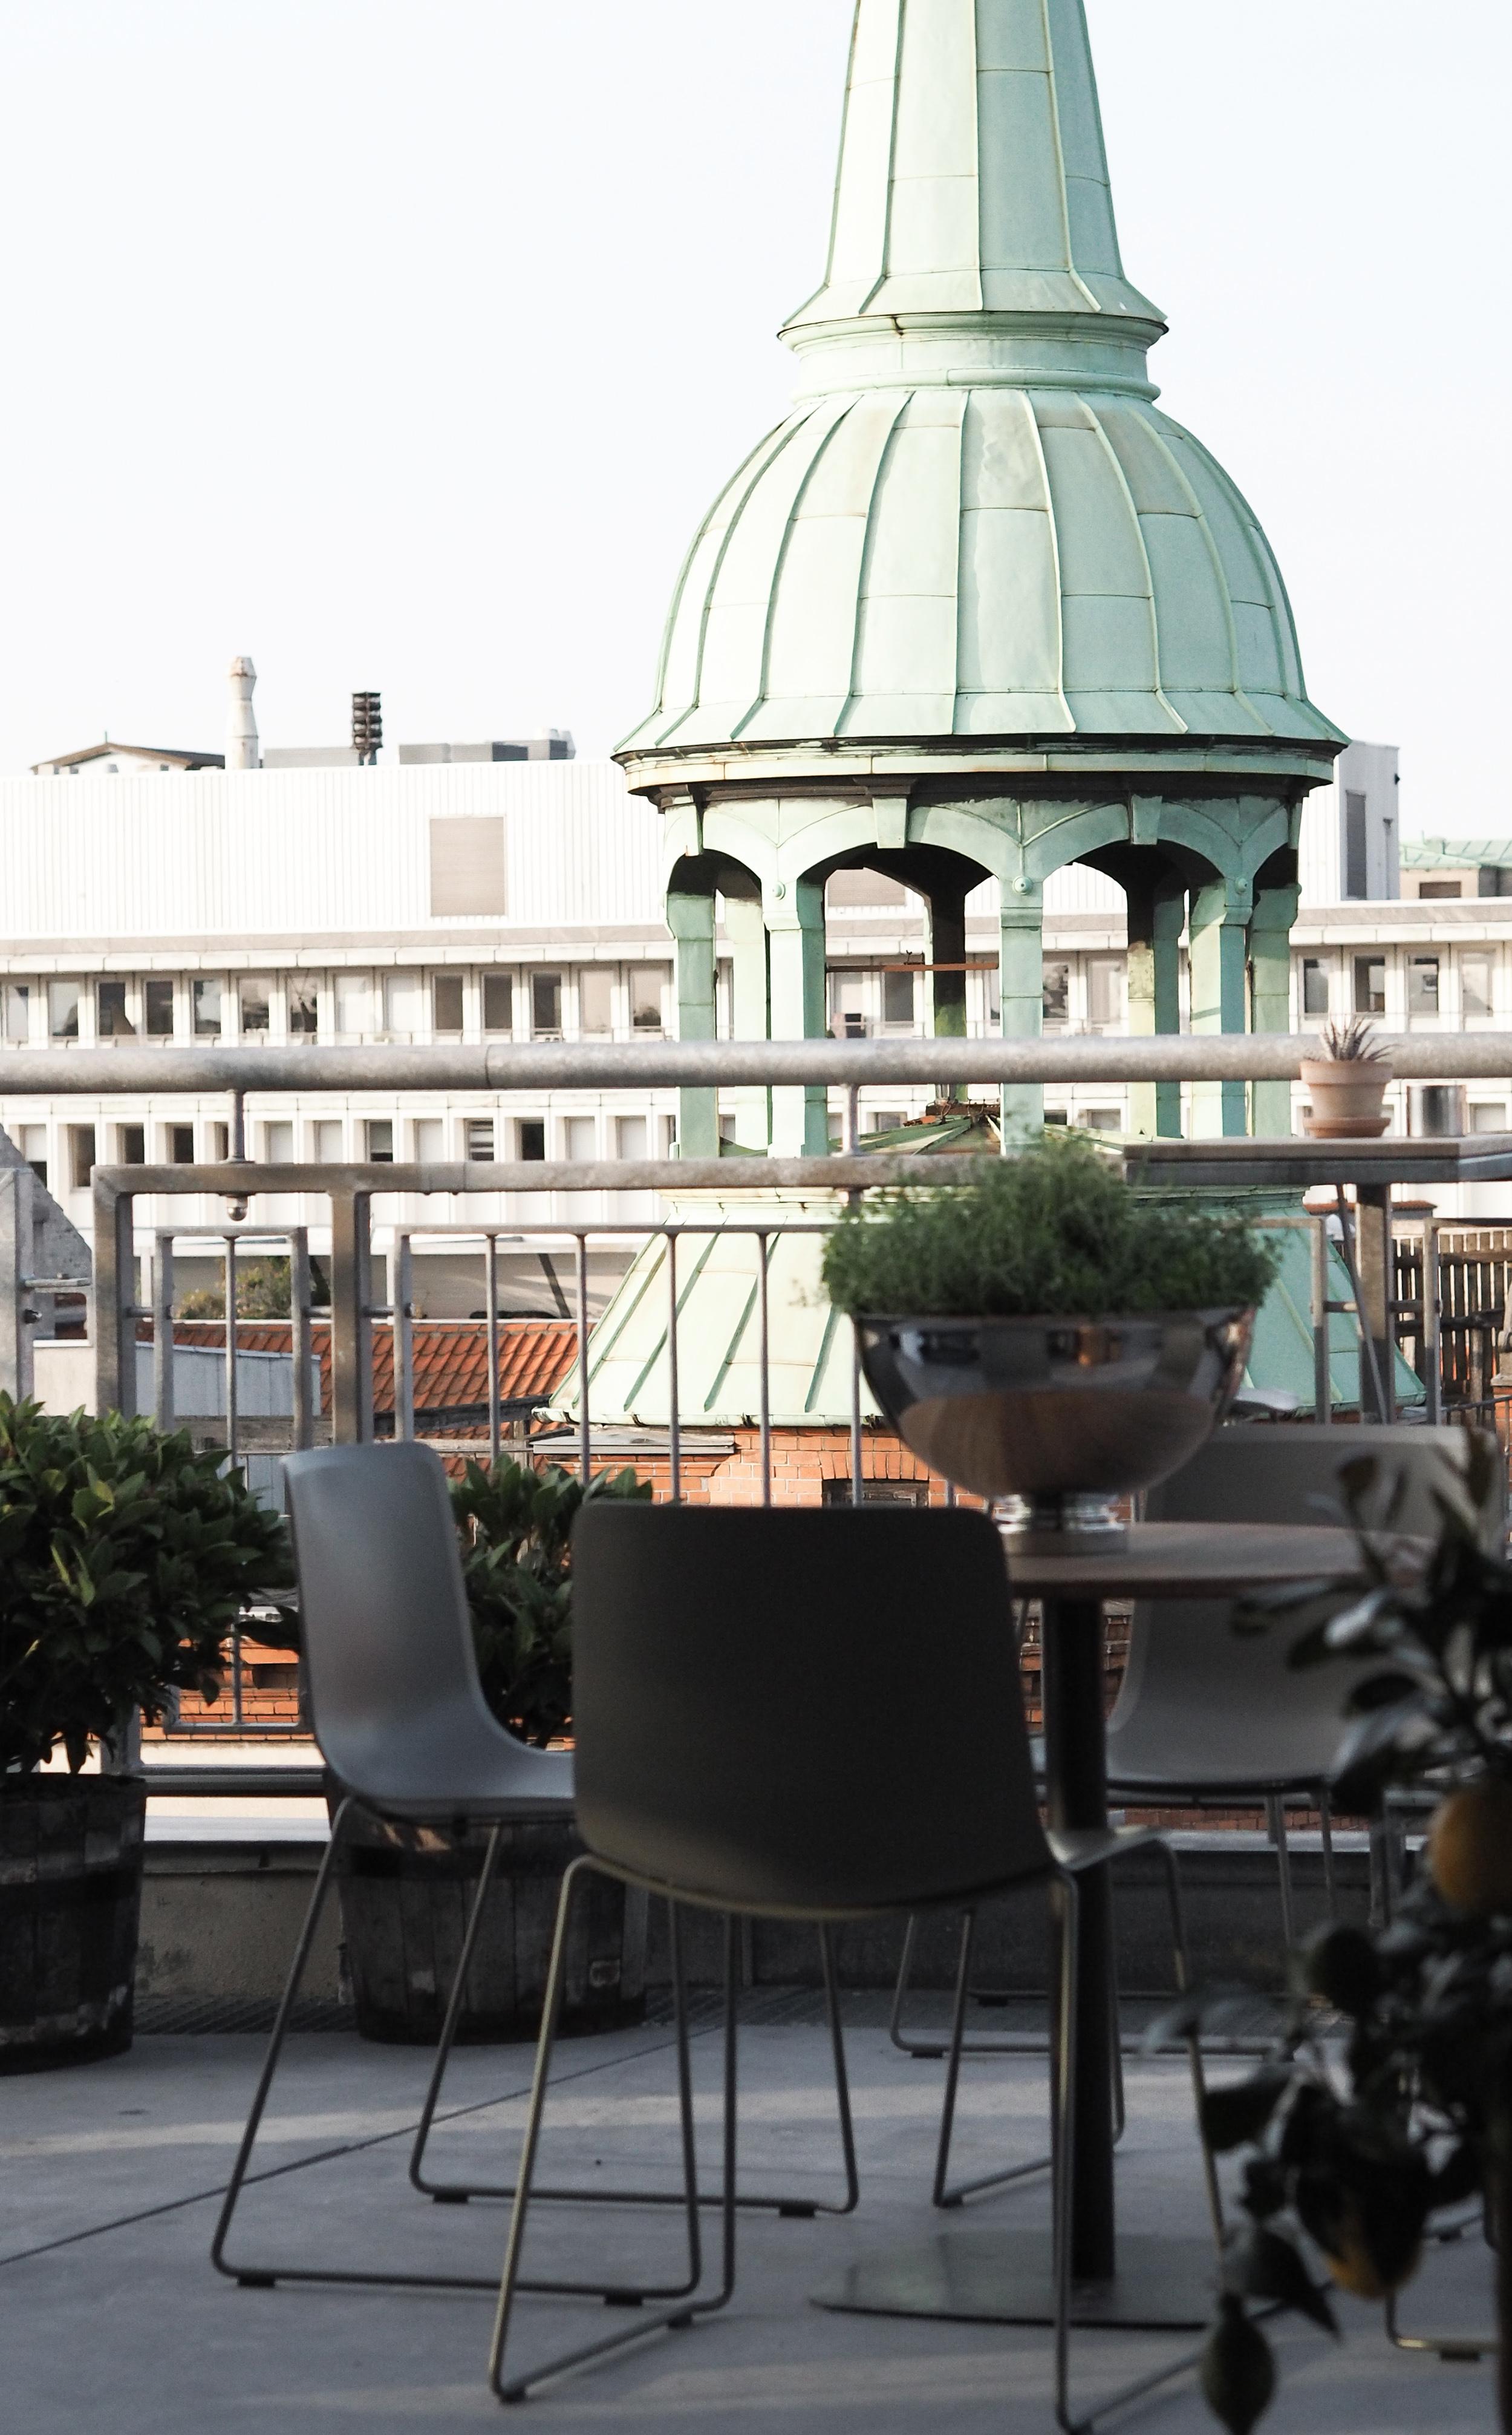 Fredericia rooftop. Copenhagen rooftops